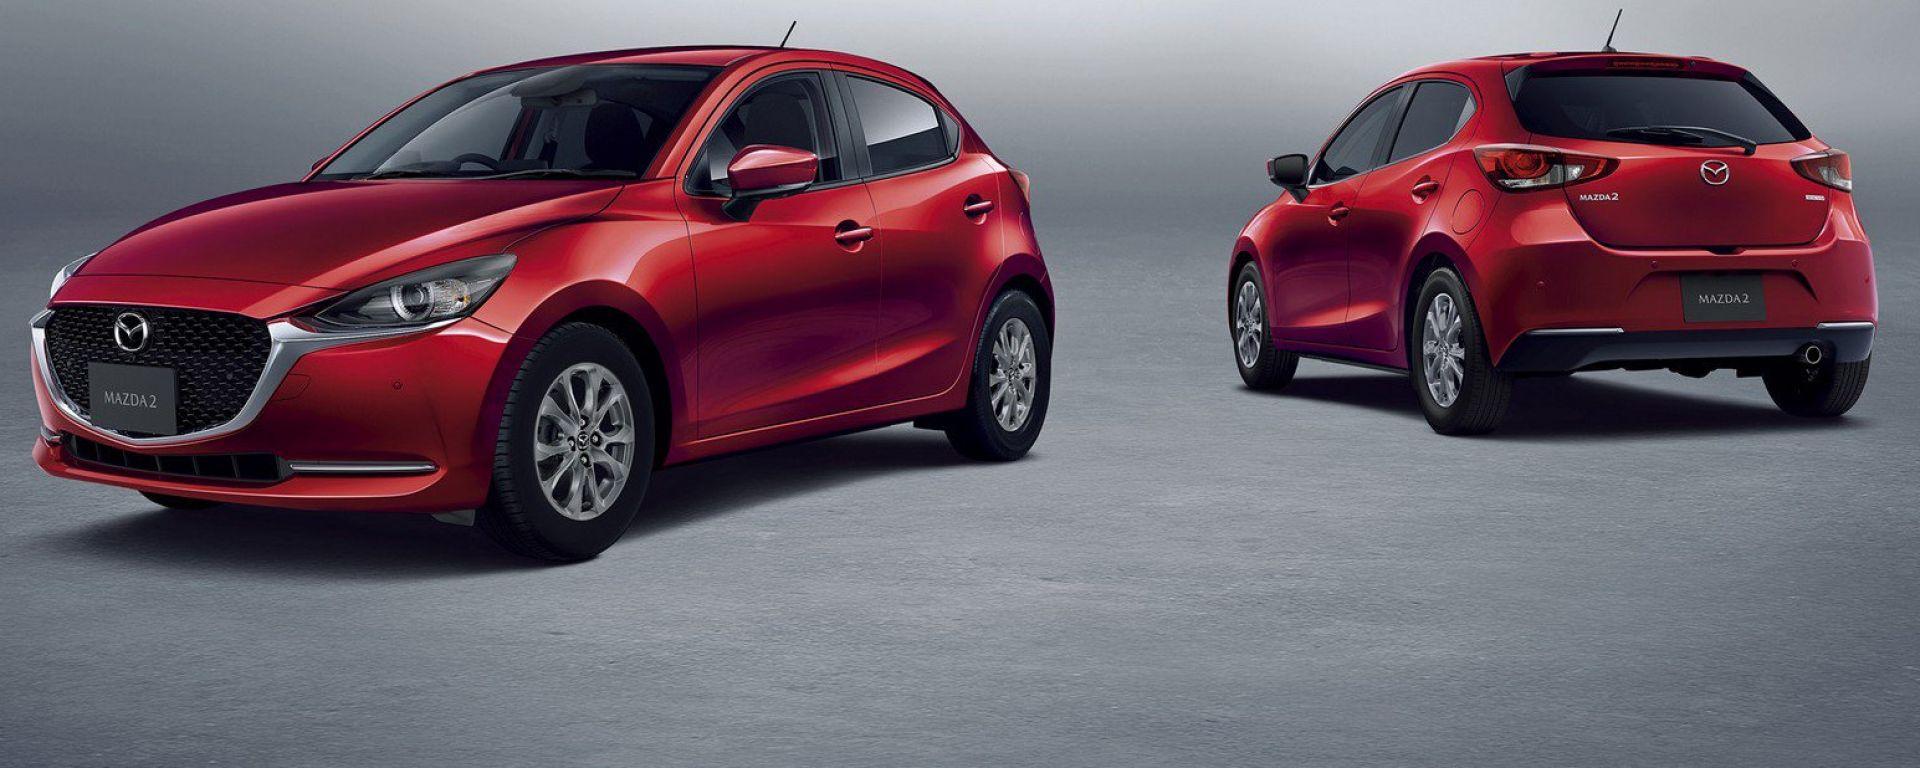 Nuova Mazda 2 2020: il facelift fronte e retro